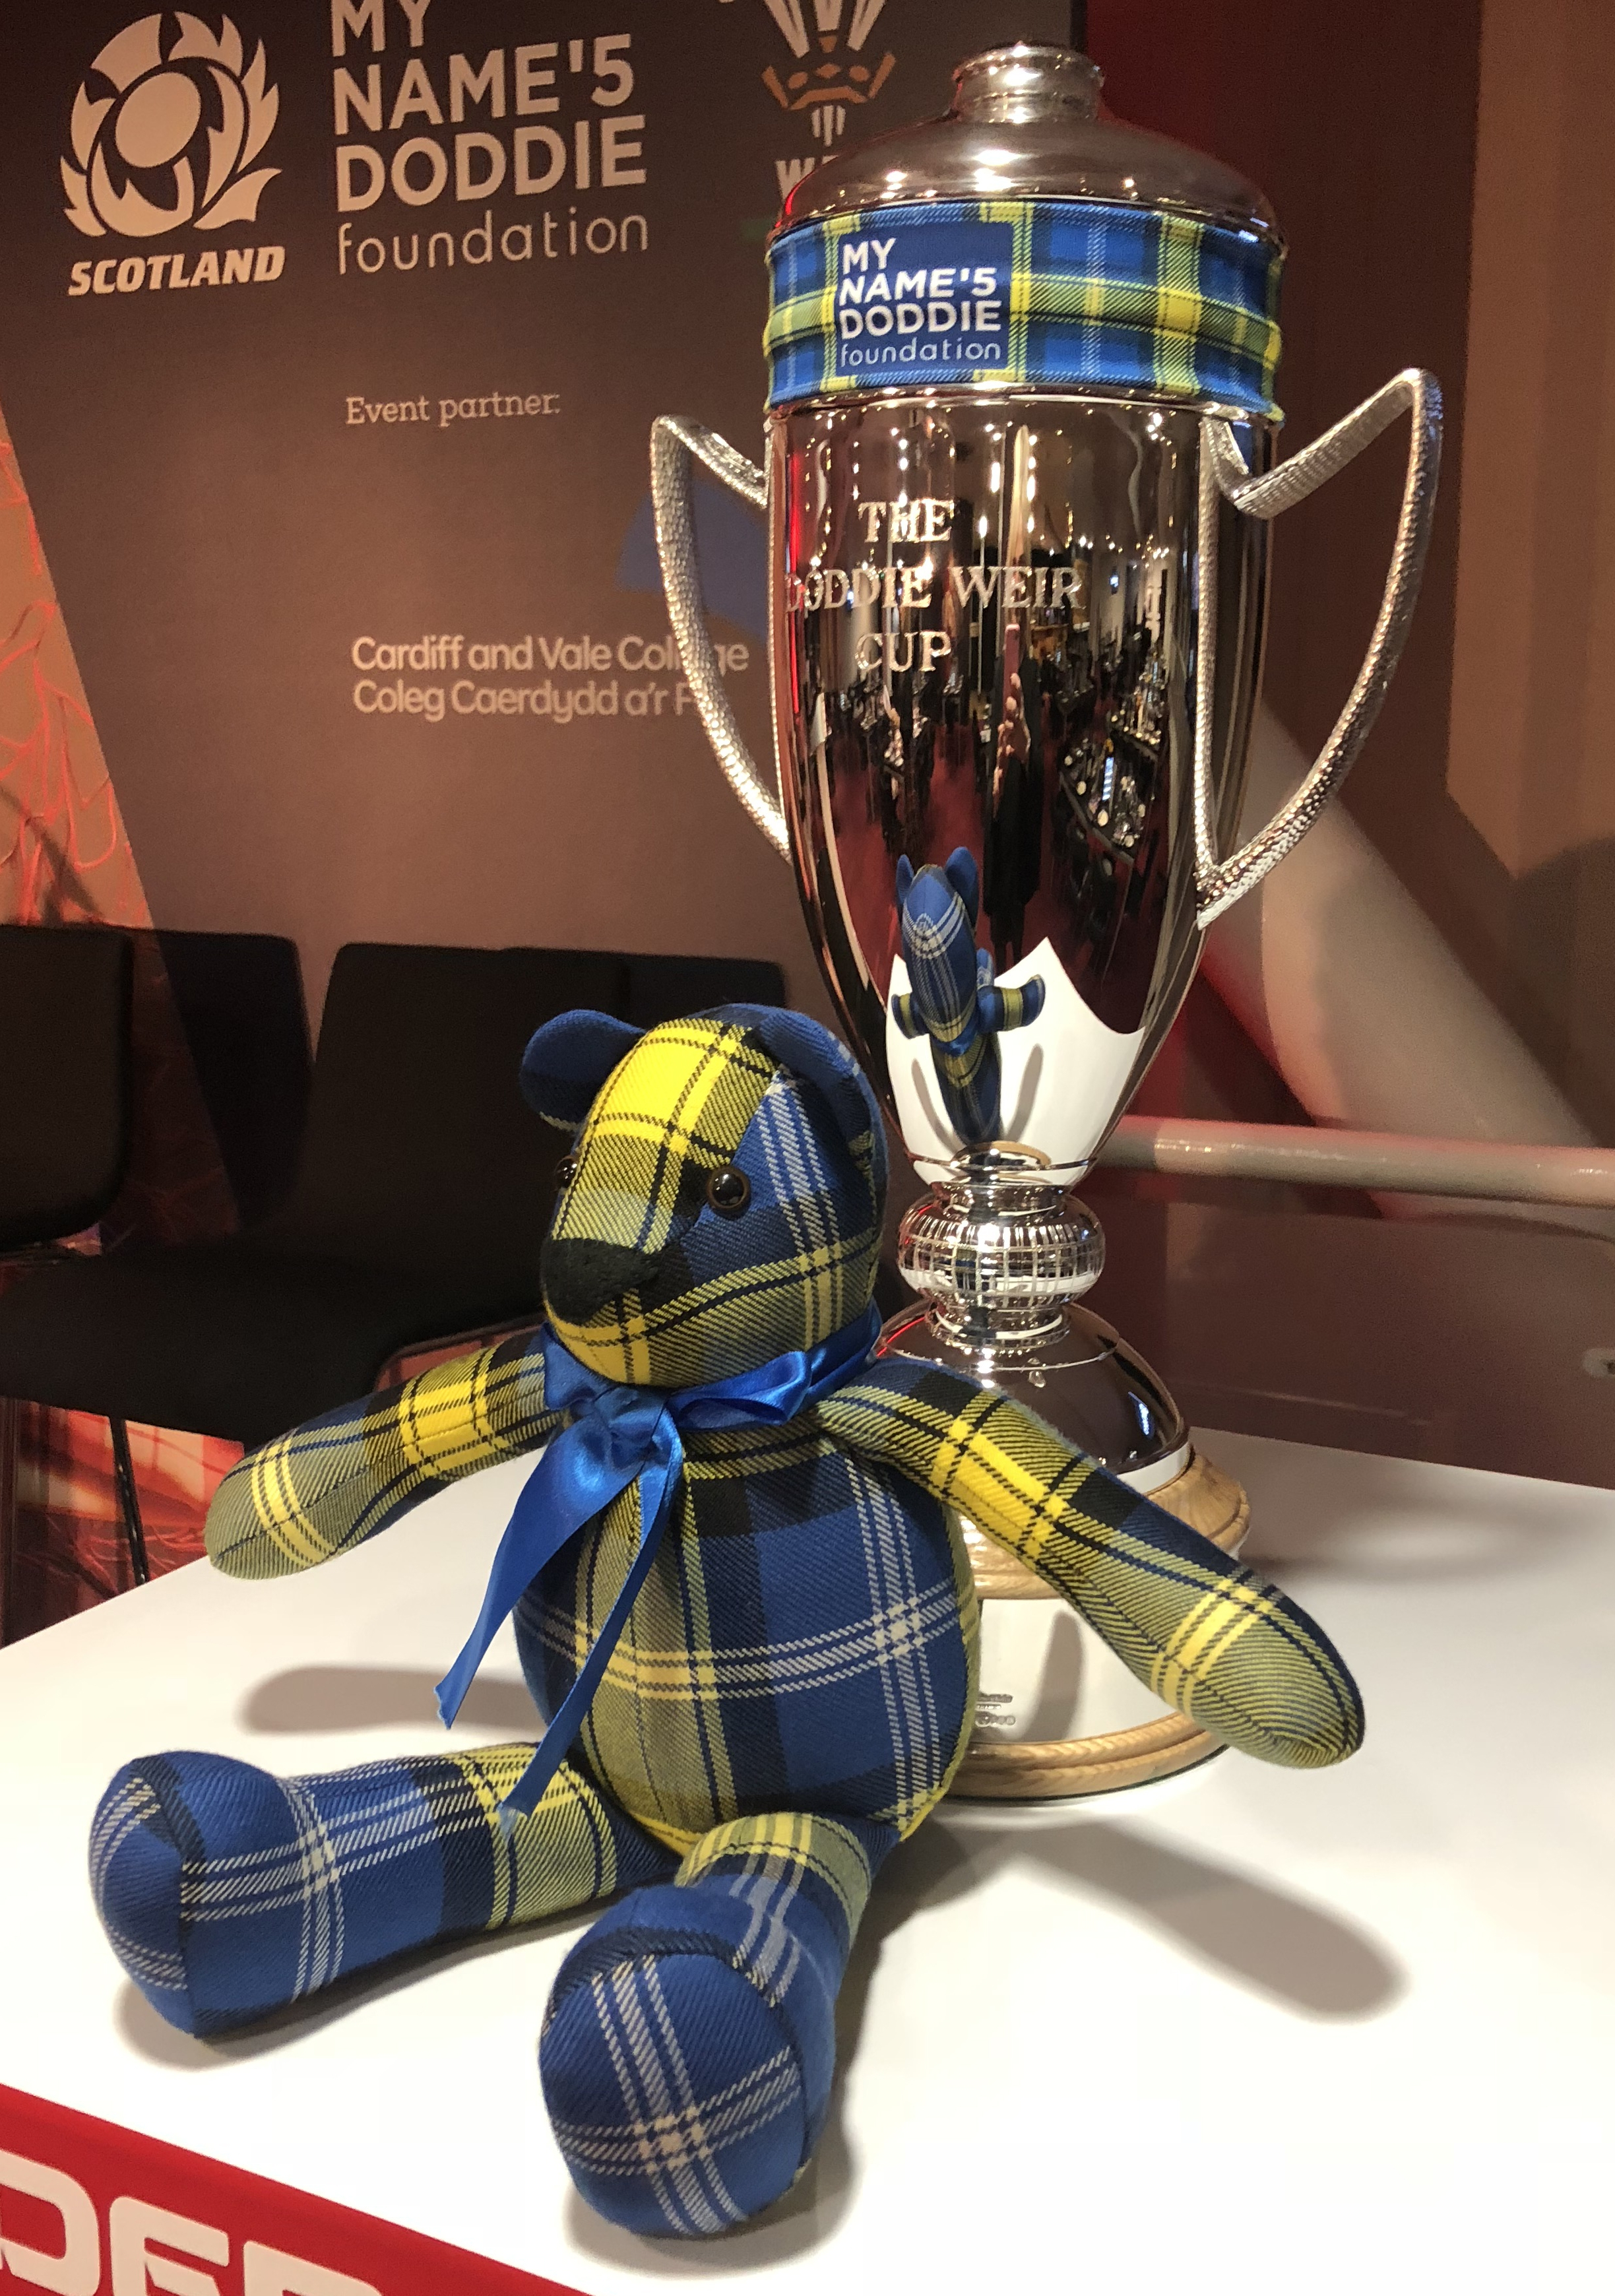 Doddie'5 5 Tartan Ted - Doddie Weir Cup